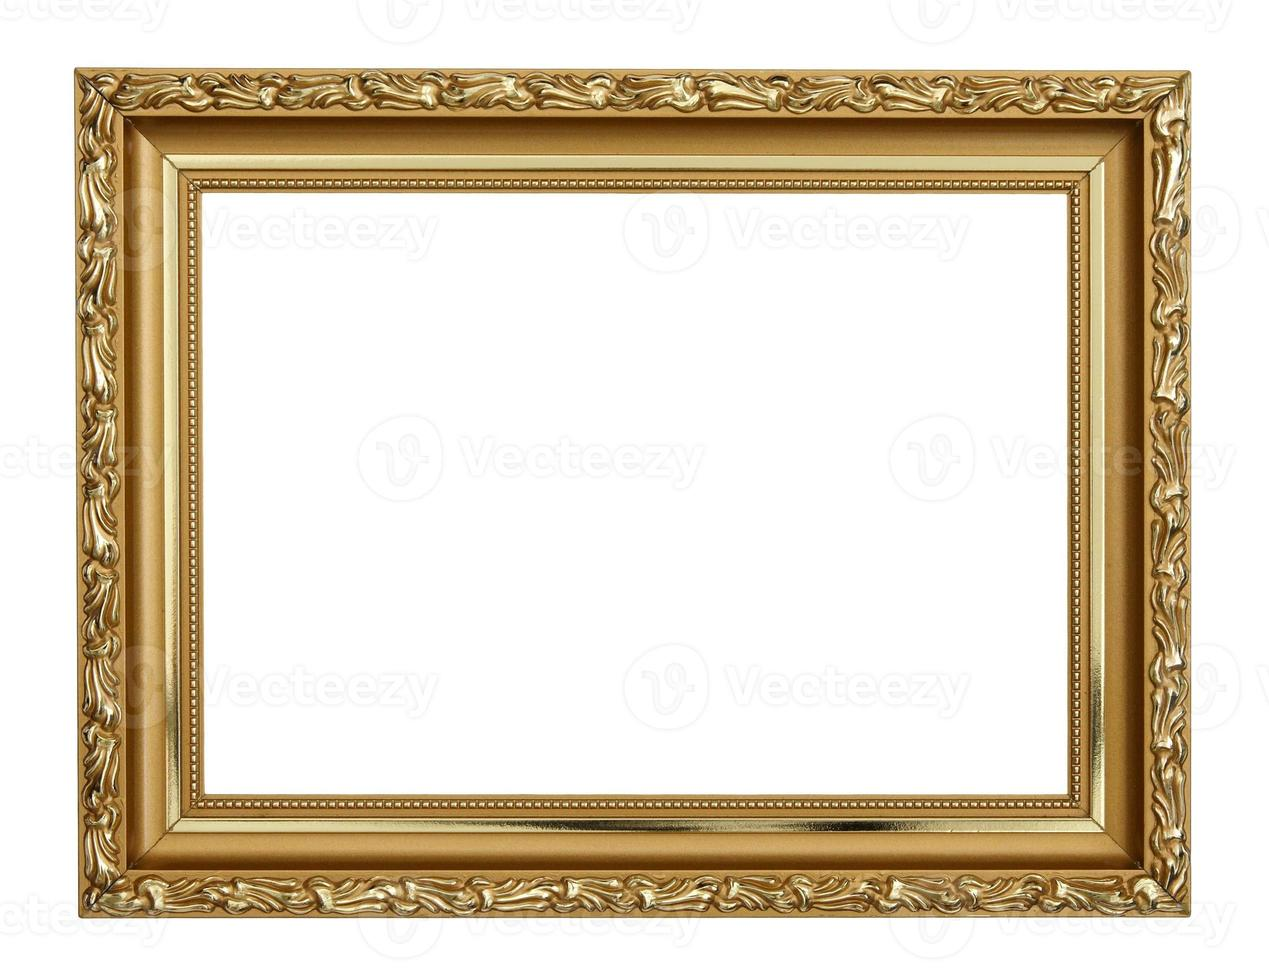 moldura de ouro foto